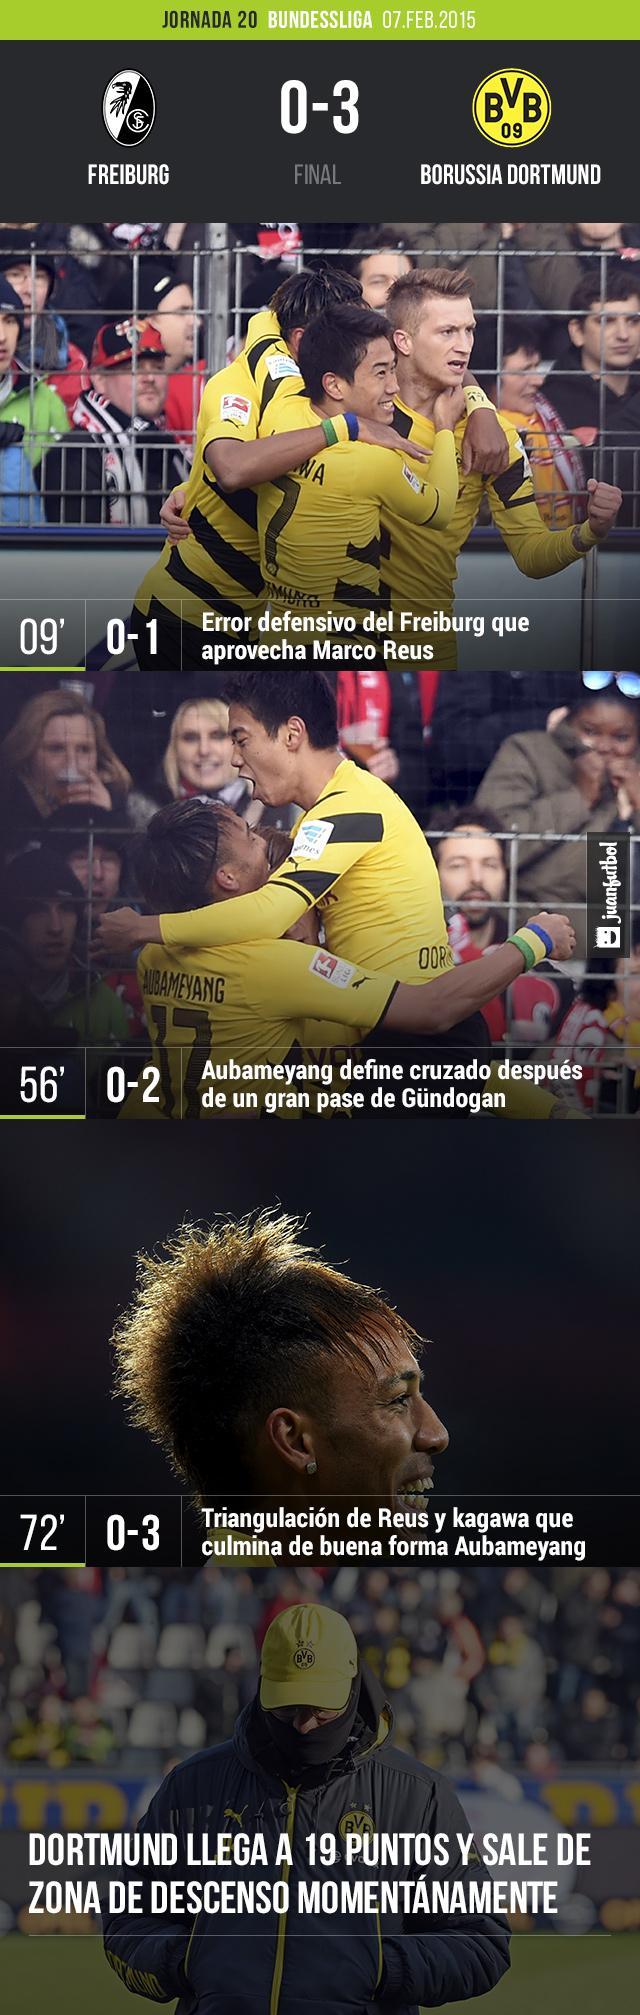 El Freiburg pierde en casa 0-3 frente al Borussia Dortmund, quien se coloca en el lugar 15 de la tabla general con 19 puntos momentáneamente. Los dirigidos por Klopp deberán esperar el cierre de la jornada